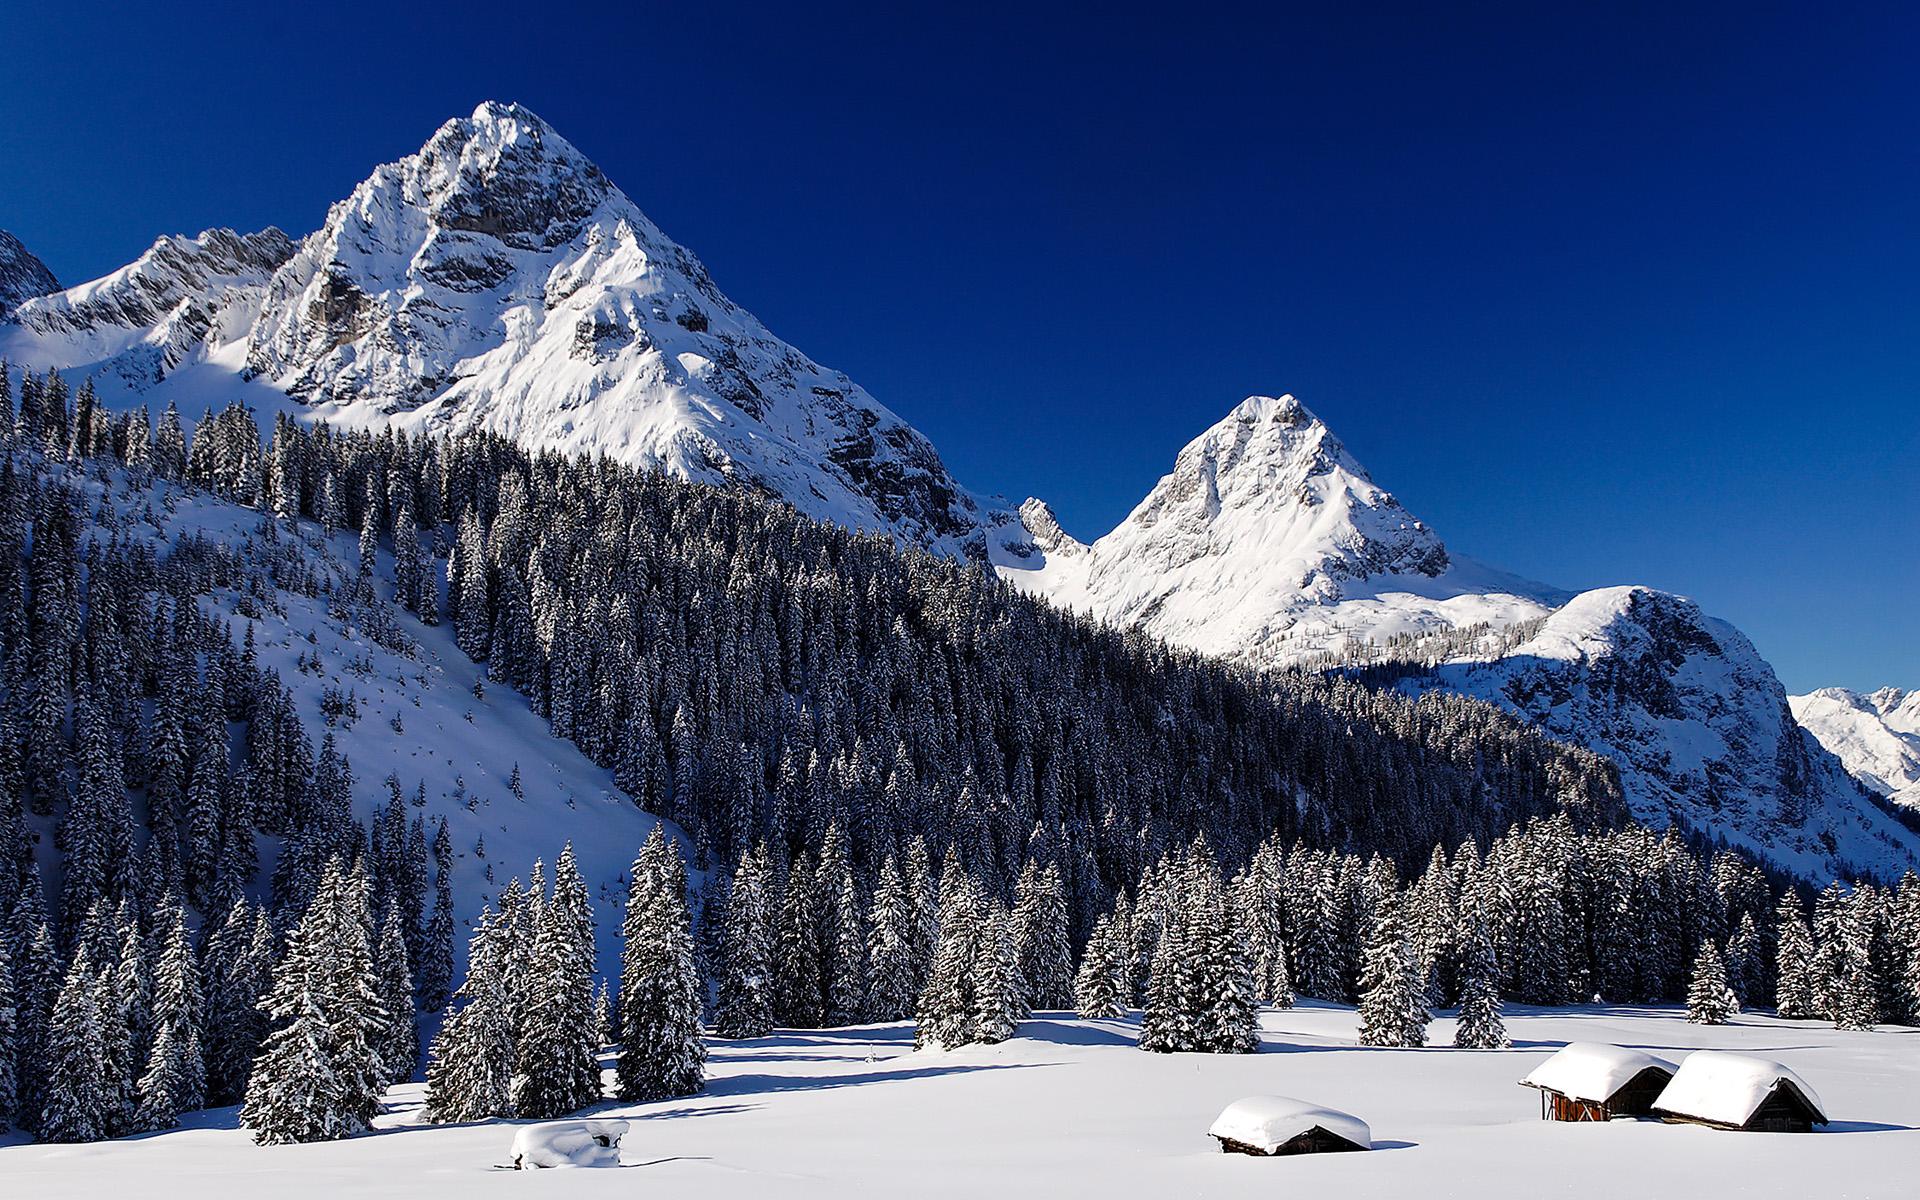 природа зима снег горы скалы деревья  № 2781205  скачать